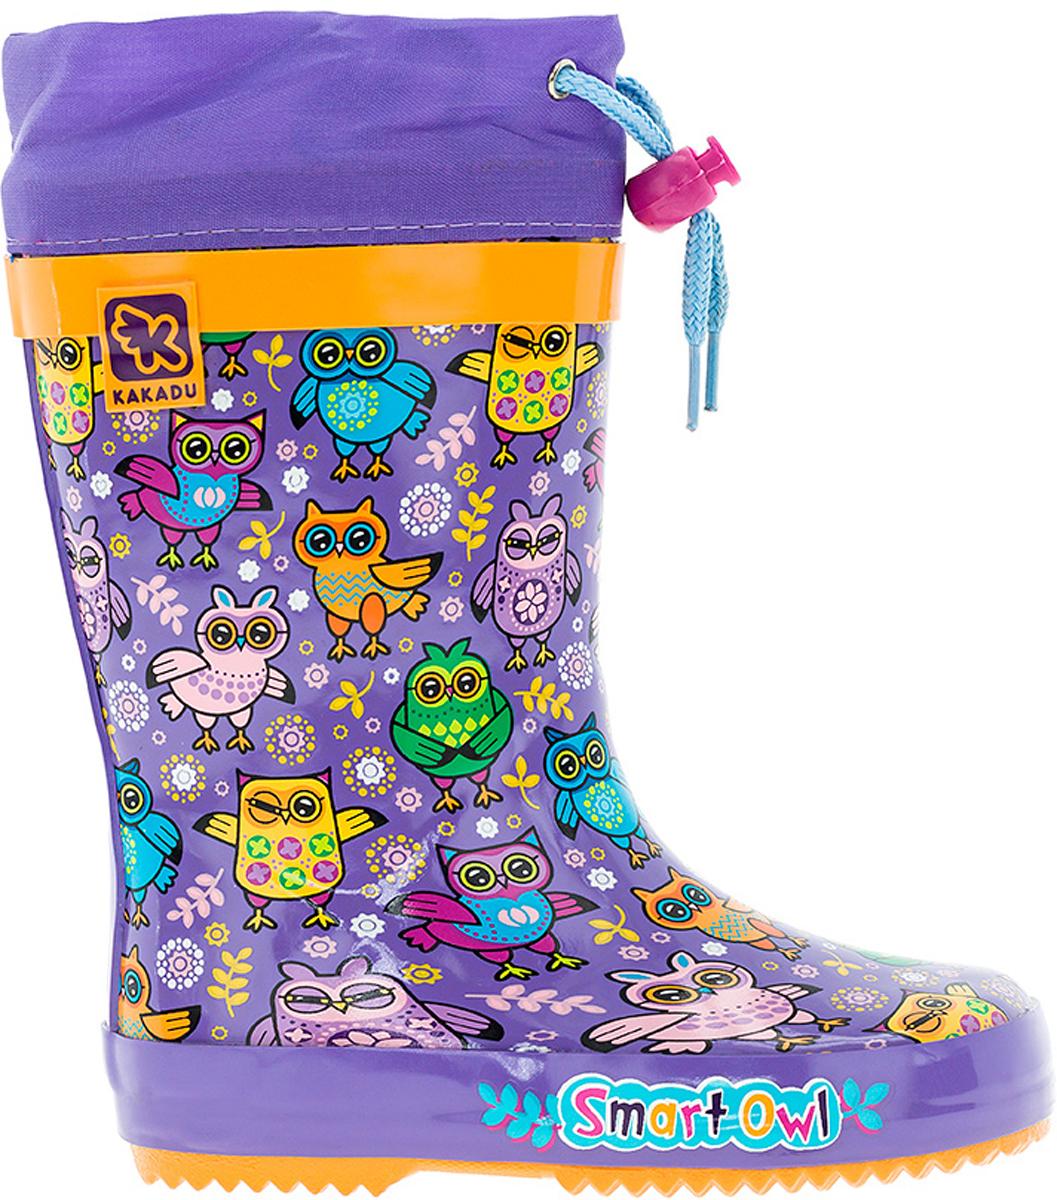 Резиновые сапоги6688BсМодные резиновые сапоги от Kakadu - идеальная обувь в дождливую погоду для вашей девочки. Модель оформлена красочным принтом с изображением сов и дополнена текстильной манжетой на кулиске для регулировки объема голенища. Внутренняя поверхность из хлопка и съемная стелька способствуют поддержанию тепла и комфортны при ходьбе. Подошва с протектором гарантирует отличное сцепление с любой поверхностью. Резиновые сапоги - необходимая вещь в гардеробе каждого ребенка.